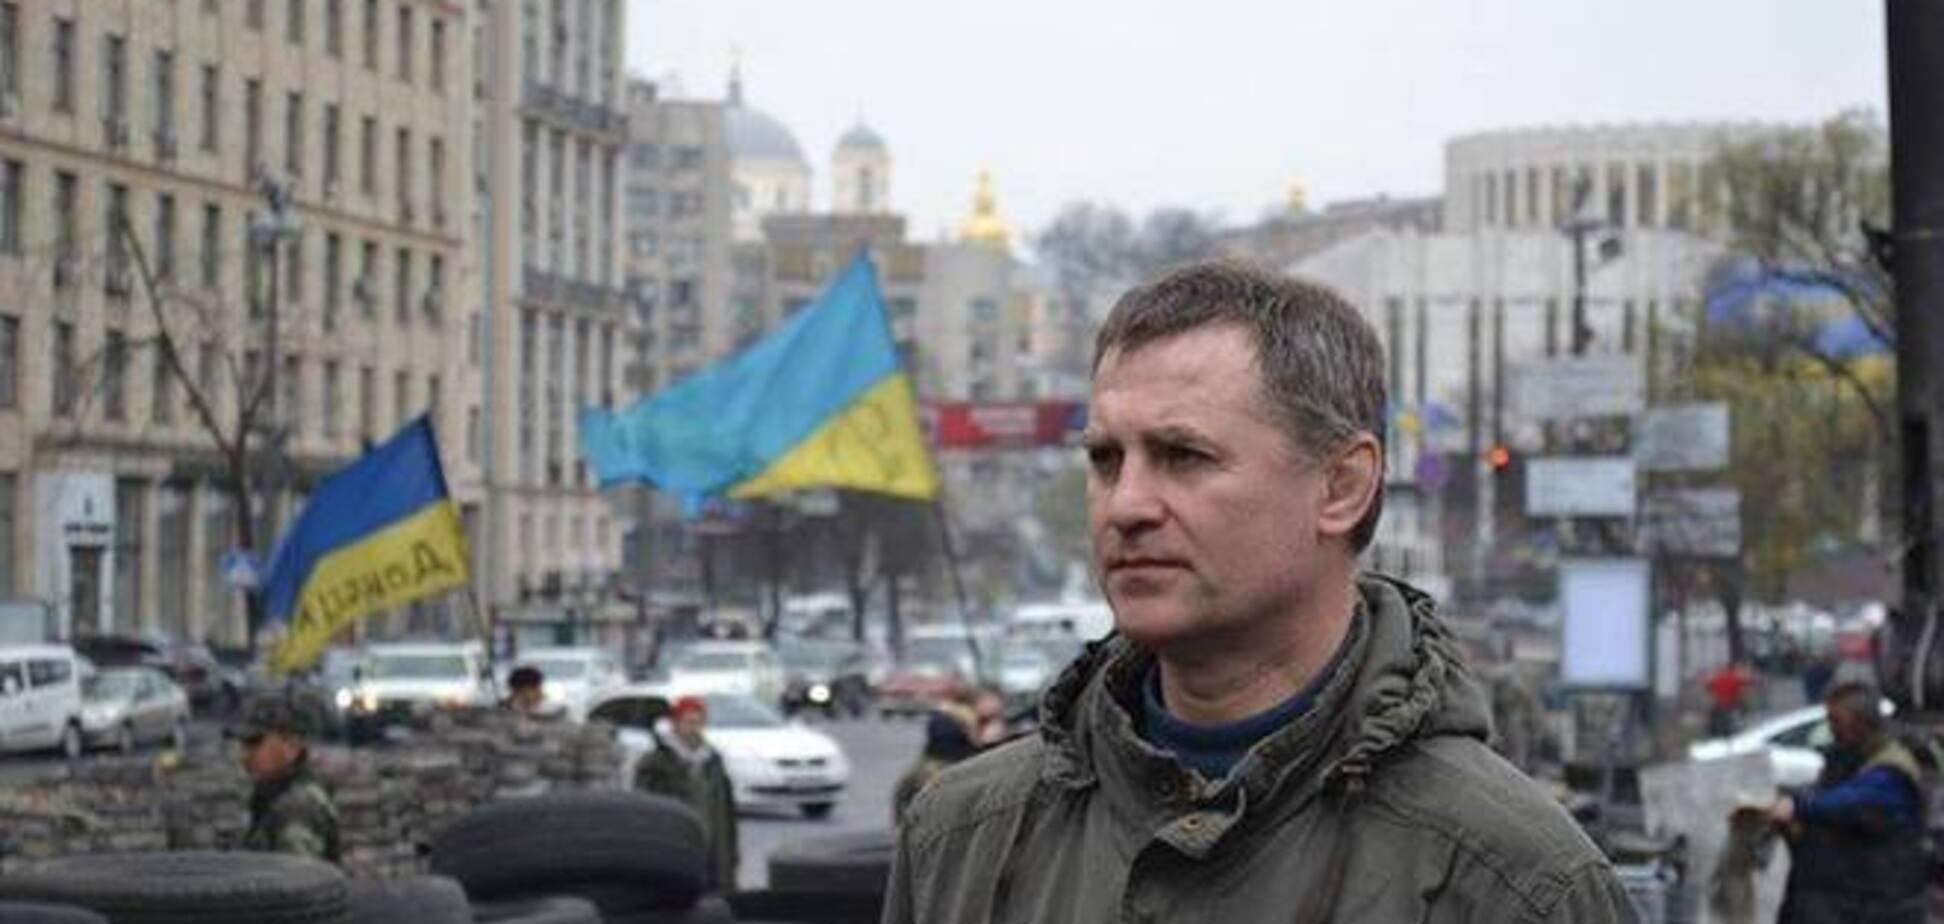 Осужденный за убийство судьи Павличенко решил баллотироваться в Верховную Раду